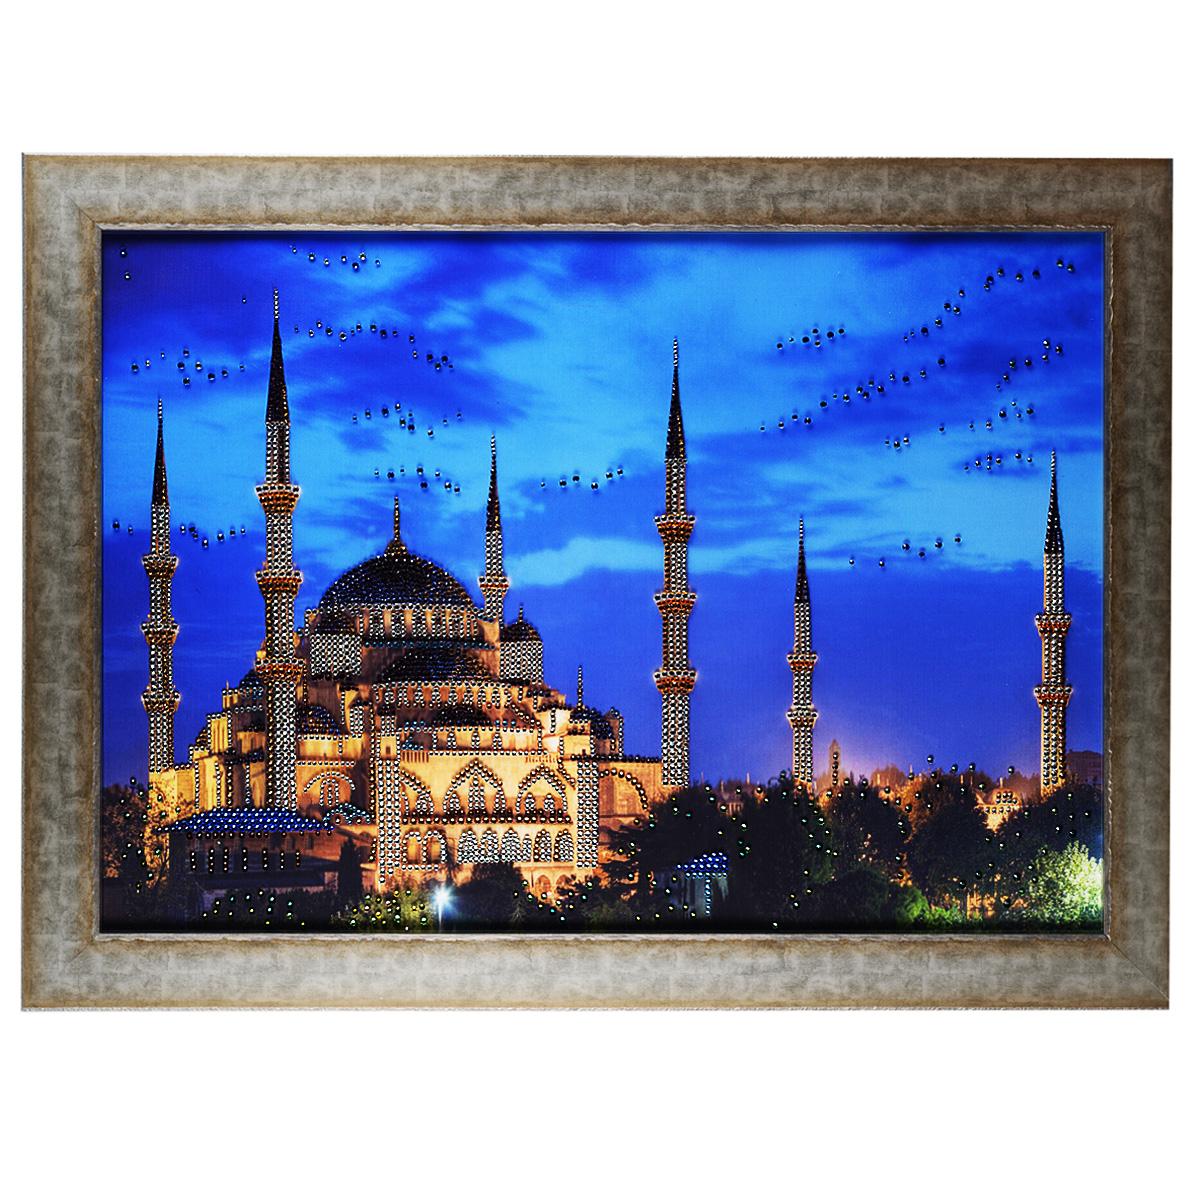 Картина с кристаллами Swarovski Большая мечеть, 80 х 60 см1728Изящная картина в багетной раме, инкрустирована кристаллами Swarovski, которые отличаются четкой и ровной огранкой, ярким блеском и чистотой цвета. Красочное изображение мечети, расположенное на внутренней стороне стекла, прекрасно дополняет блеск кристаллов. С обратной стороны имеется металлическая проволока для размещения картины на стене. Картина с кристаллами Swarovski Большая мечеть элегантно украсит интерьер дома или офиса, а также станет прекрасным подарком, который обязательно понравится получателю. Блеск кристаллов в интерьере, что может быть сказочнее и удивительнее. Картина упакована в подарочную картонную коробку синего цвета и комплектуется сертификатом соответствия Swarovski.